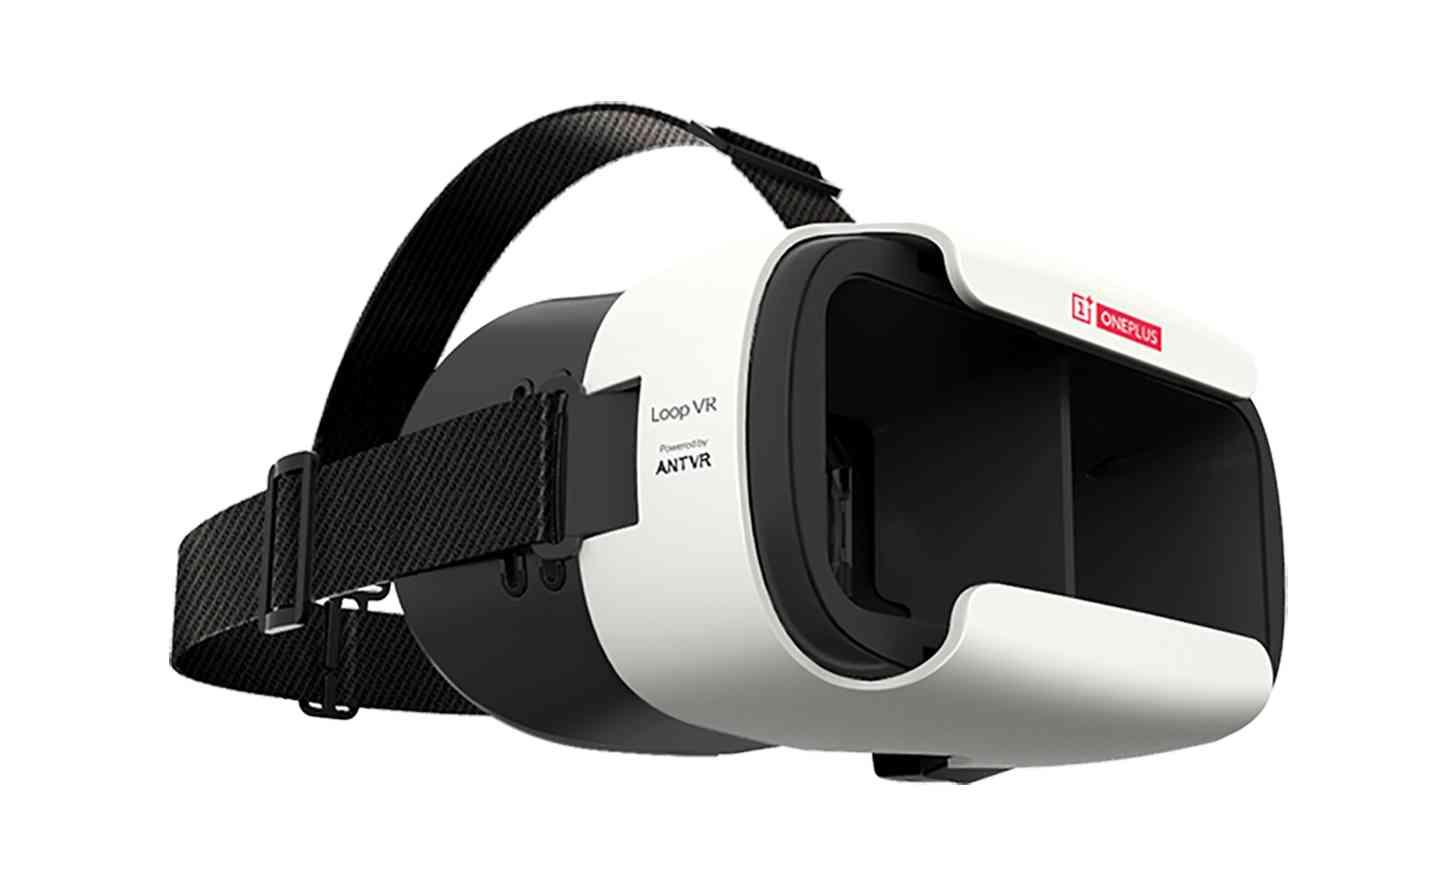 OnePlus Loop VR headset official